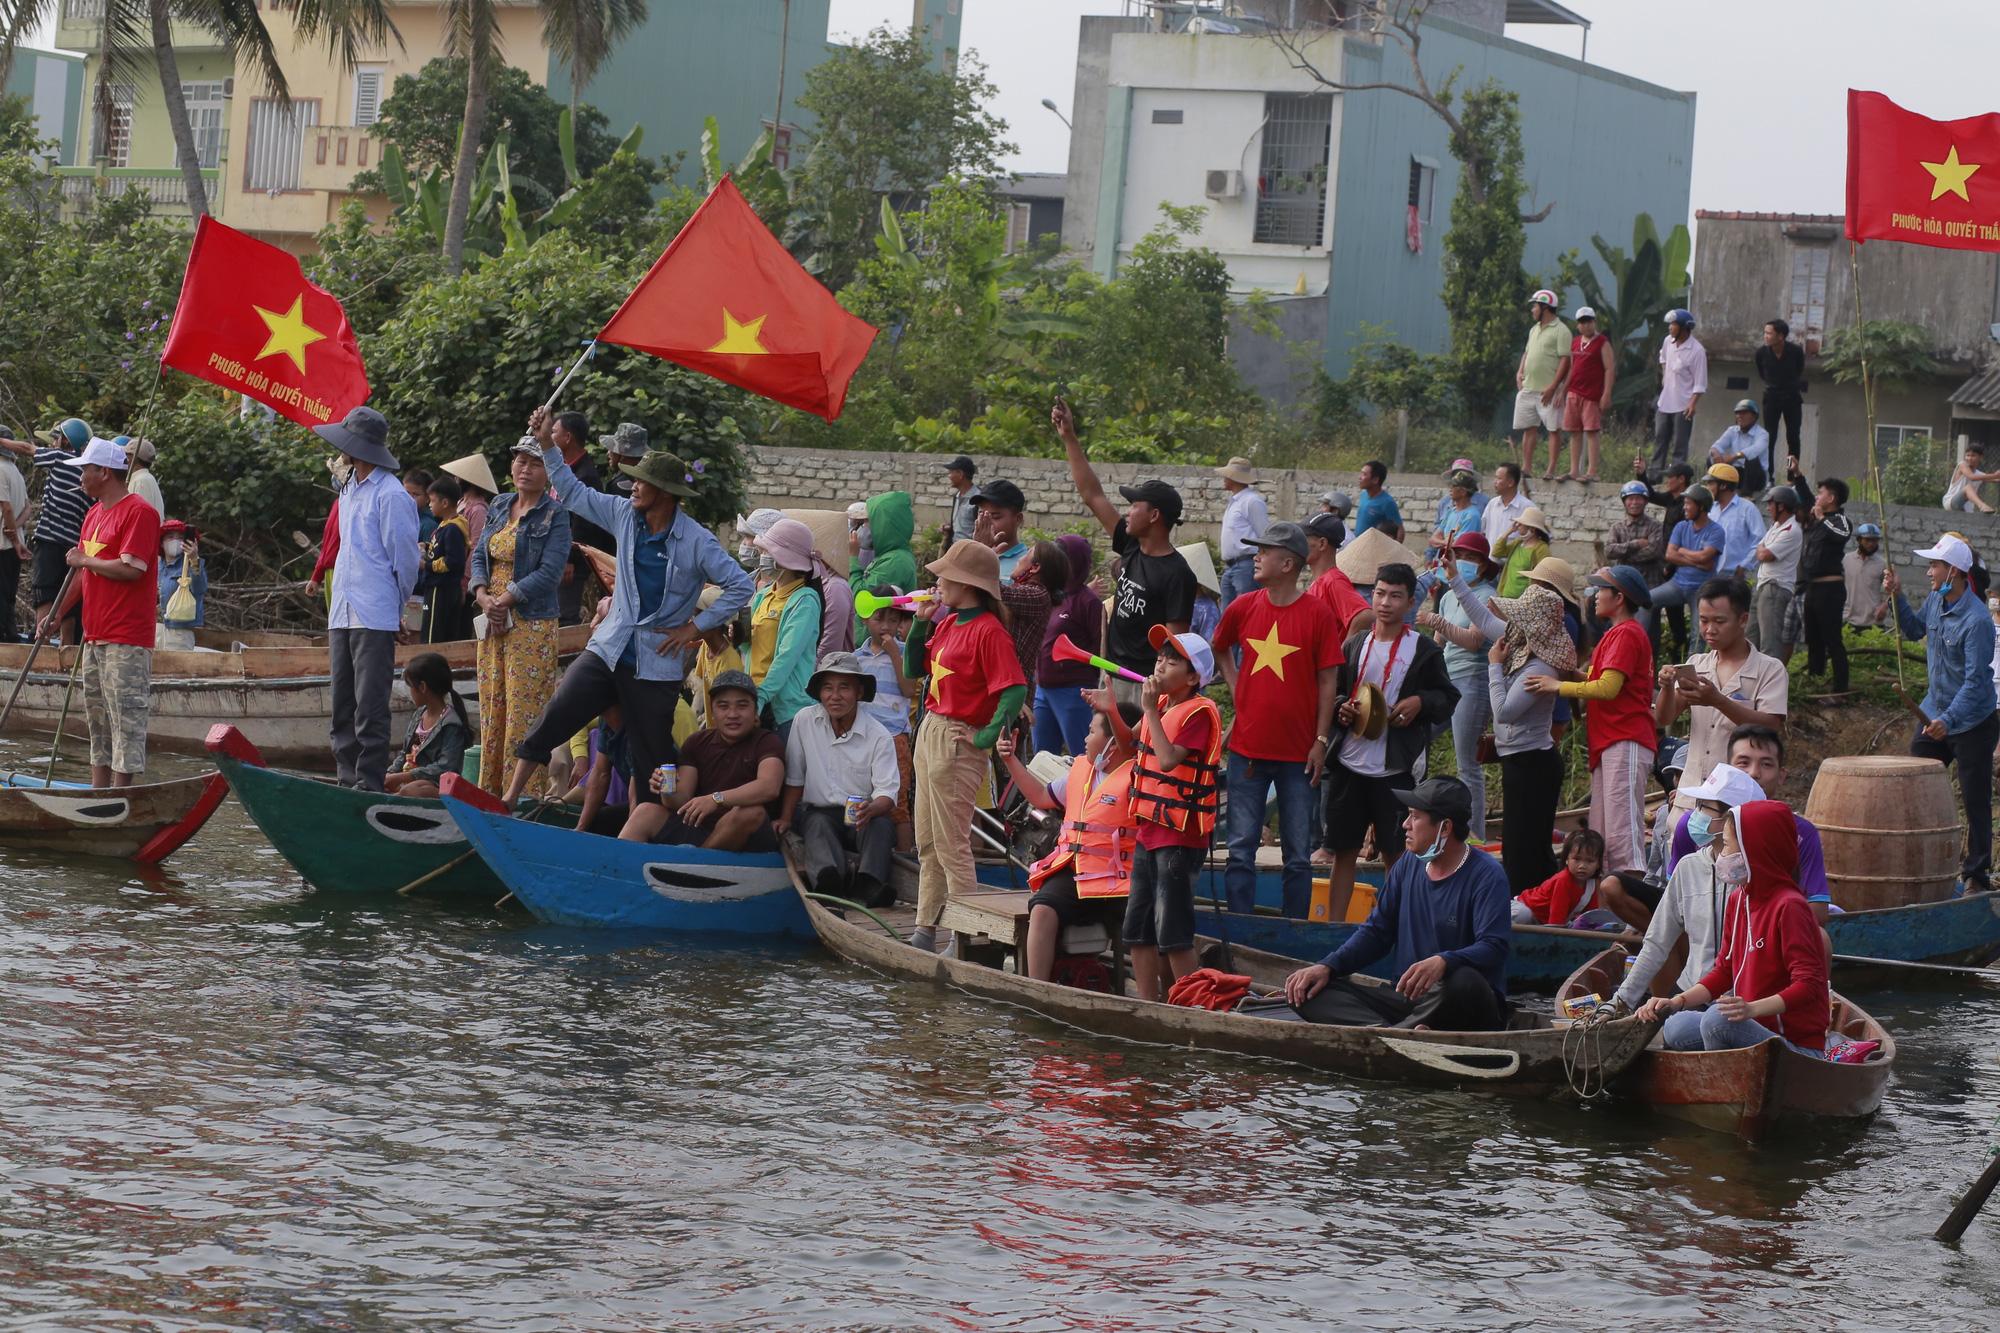 Quảng Nam: Trèo cây, leo nóc nhà để xem đua thuyền ở Tam Kỳ - Ảnh 9.